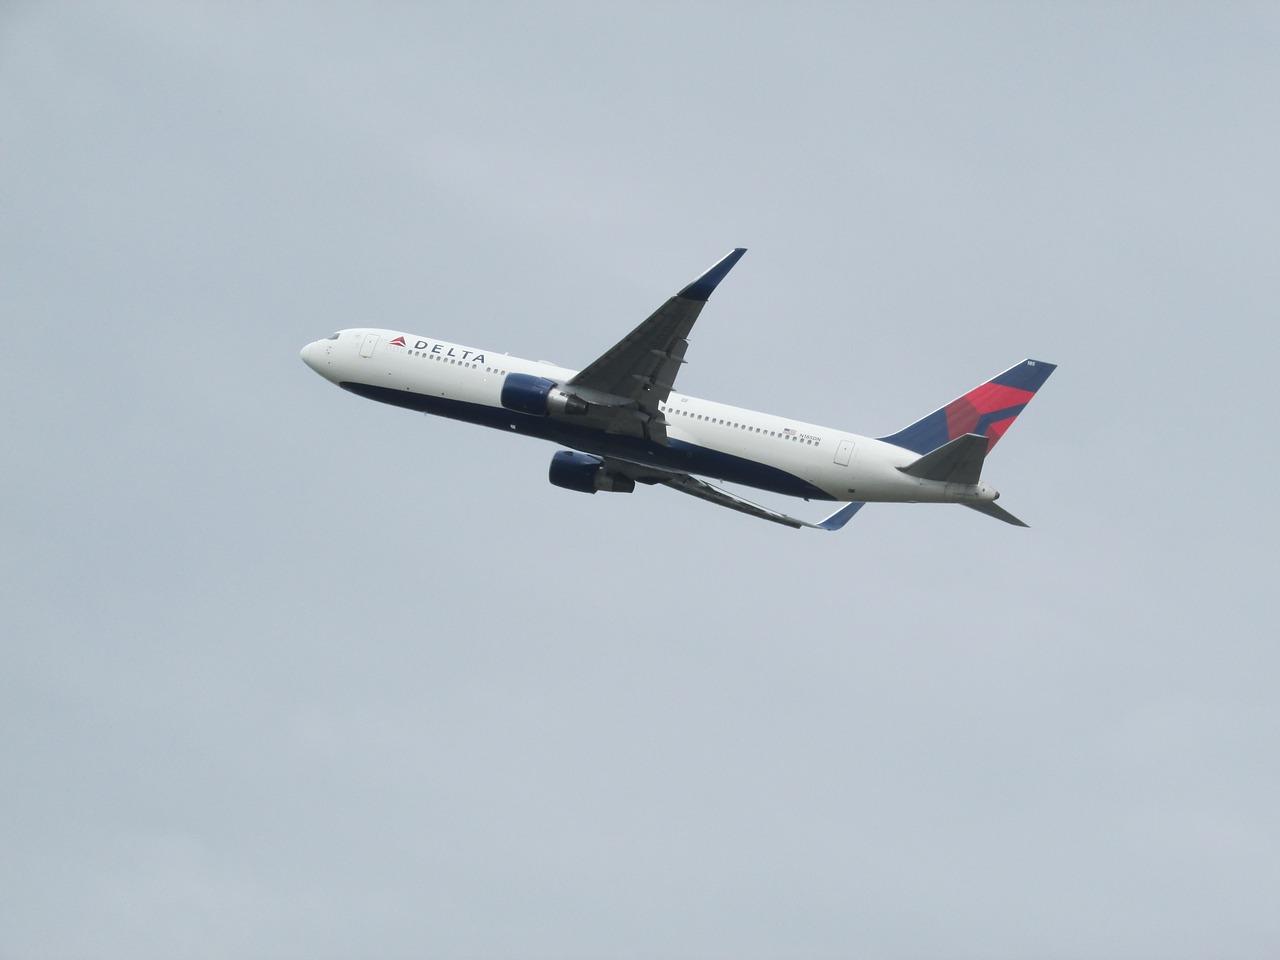 アトランタ空港が世界一?乗り継ぎしやすいと人気!楽しみ方を紹介!